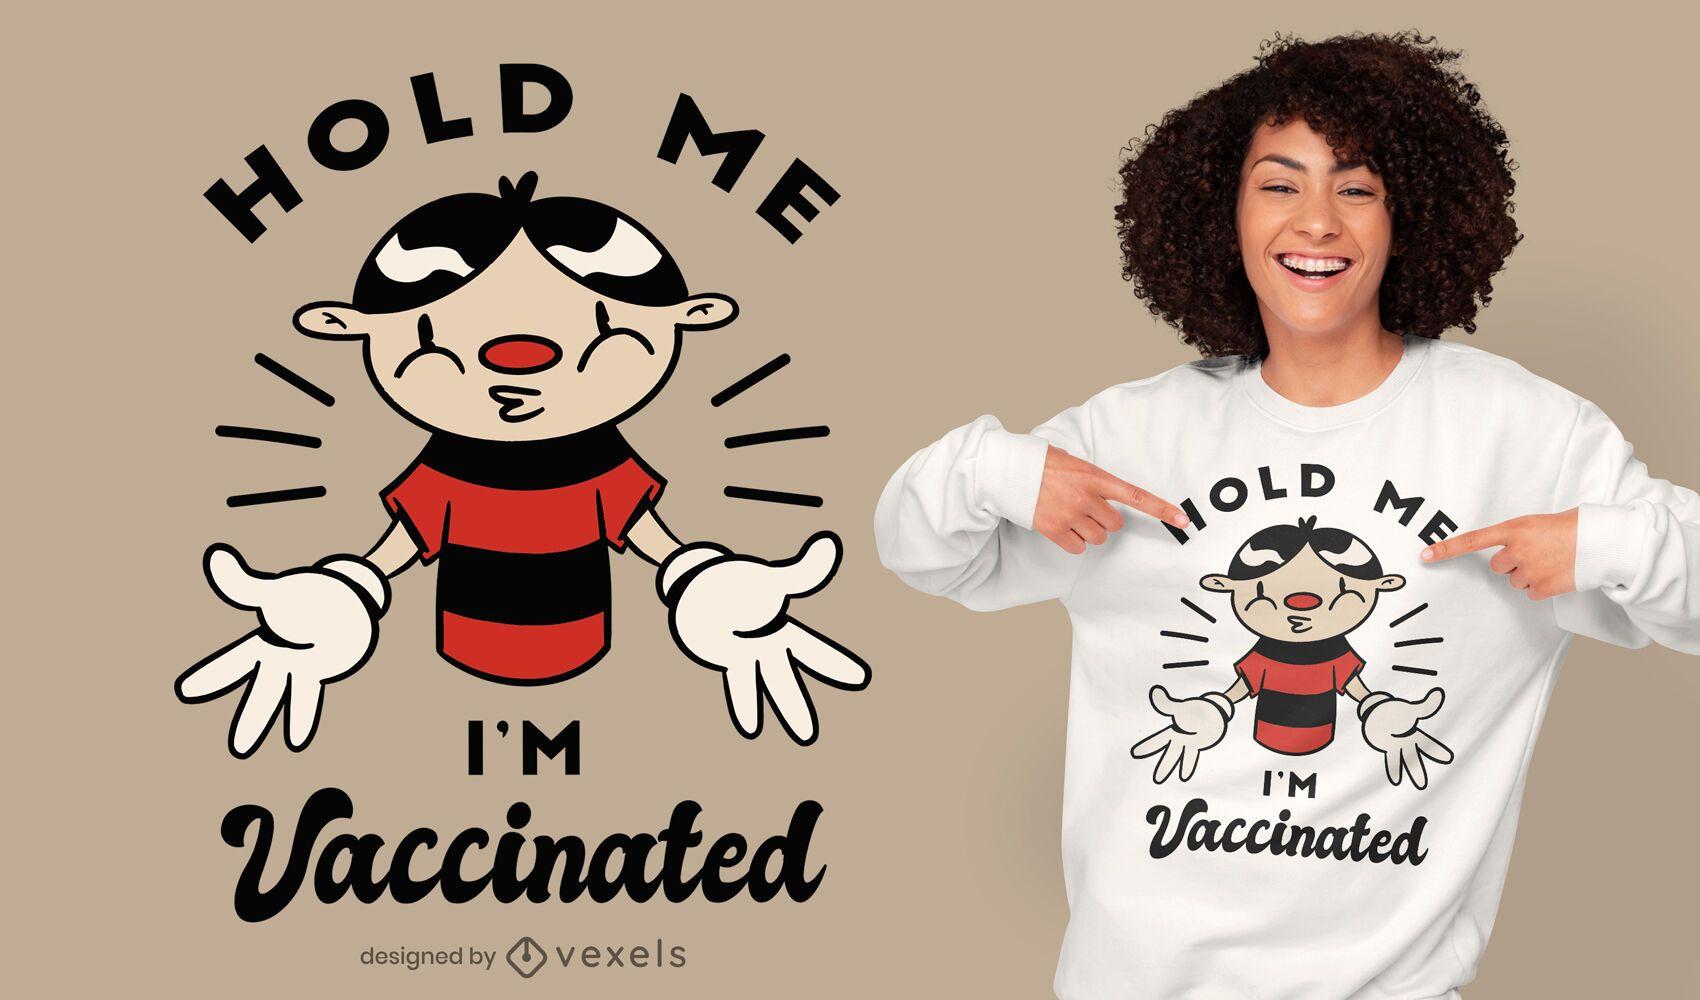 Vaccinated cartoon t-shirt design